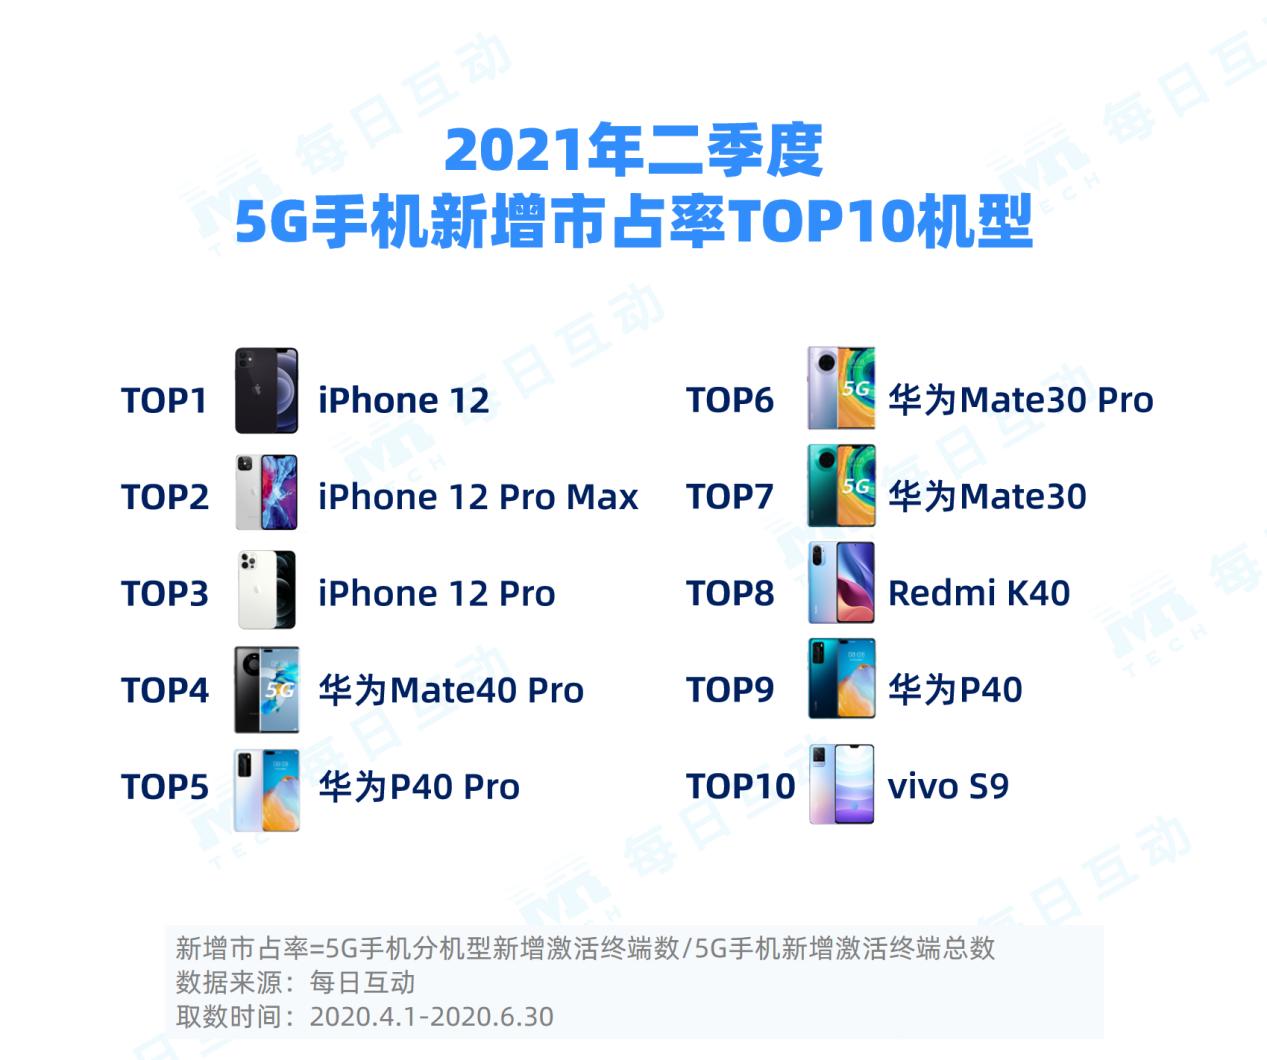 4-二季度新增手机TOP10